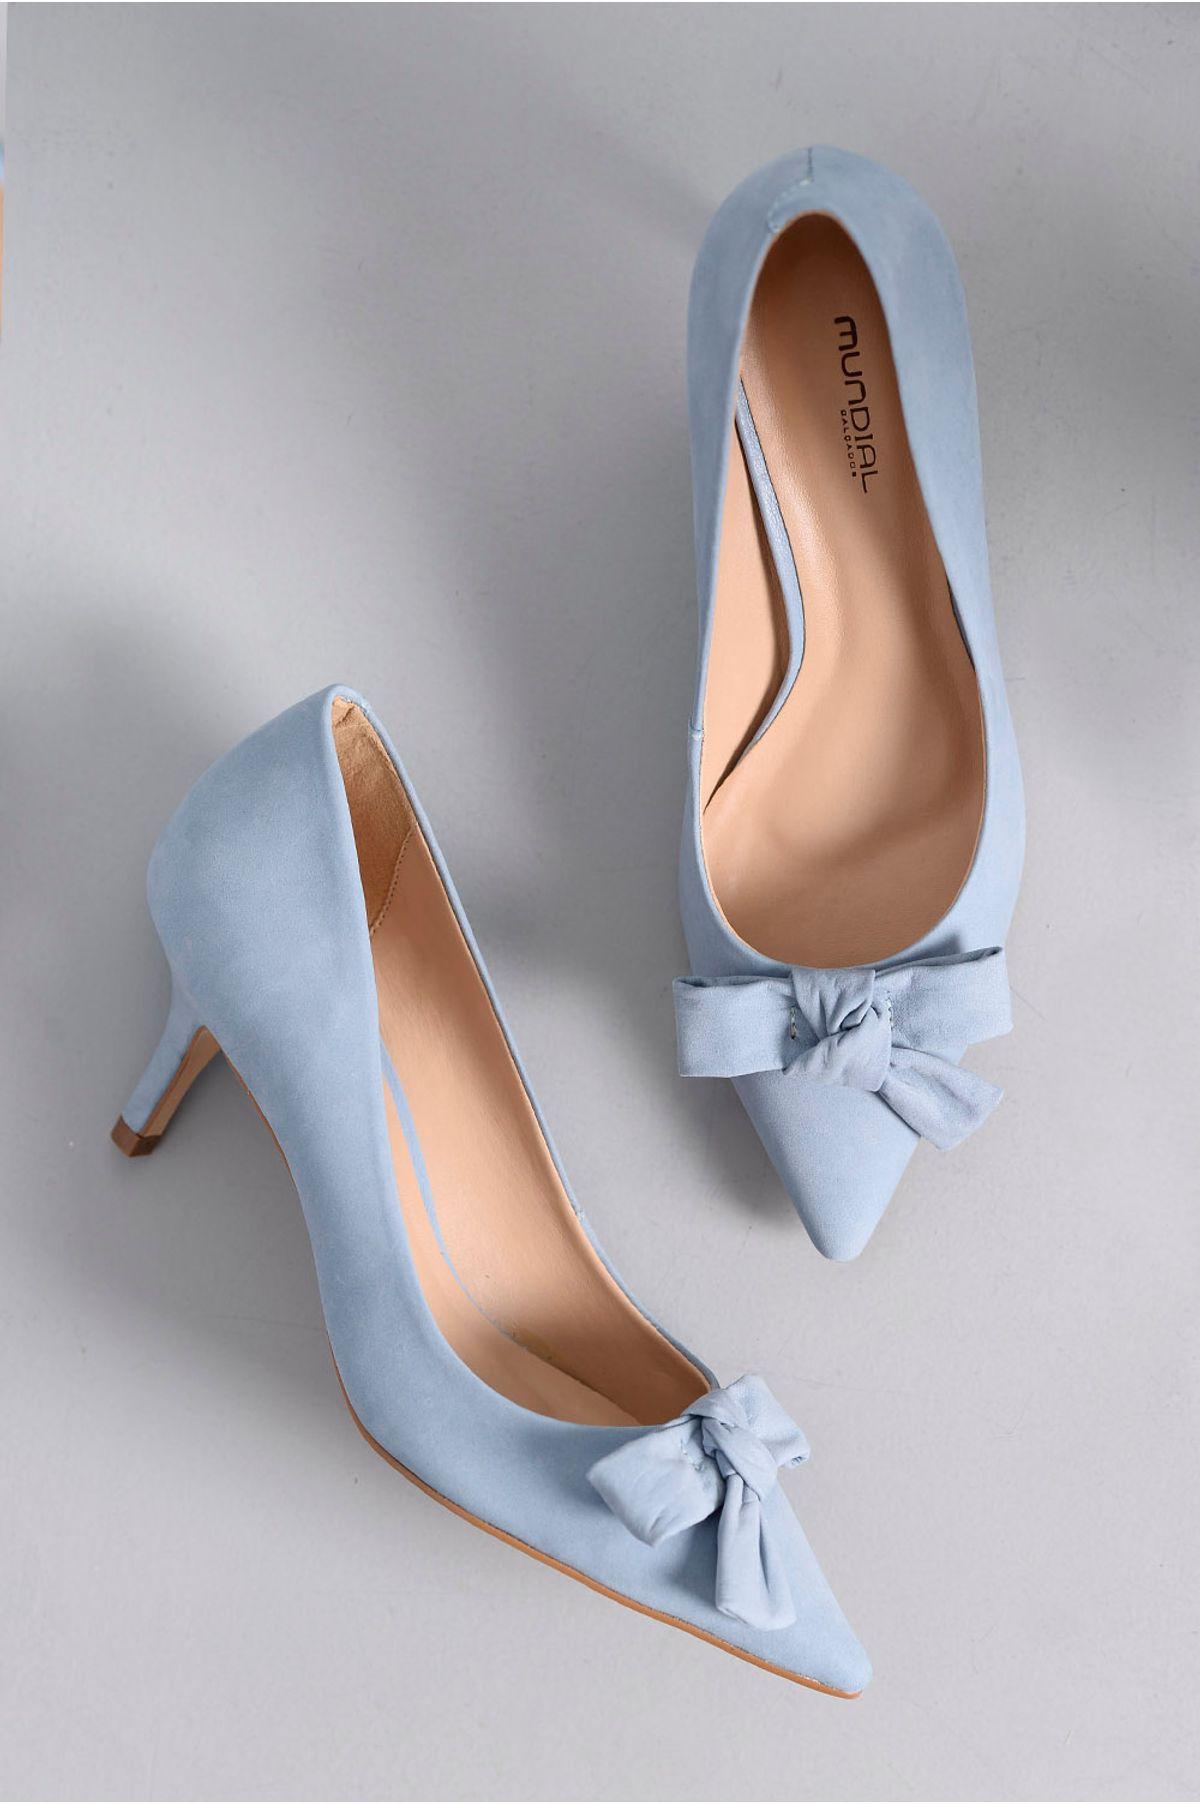 7e764c5238 Scarpin Feminino Salto Médio Edith Mundial NB - AZUL - Mundial Calçados